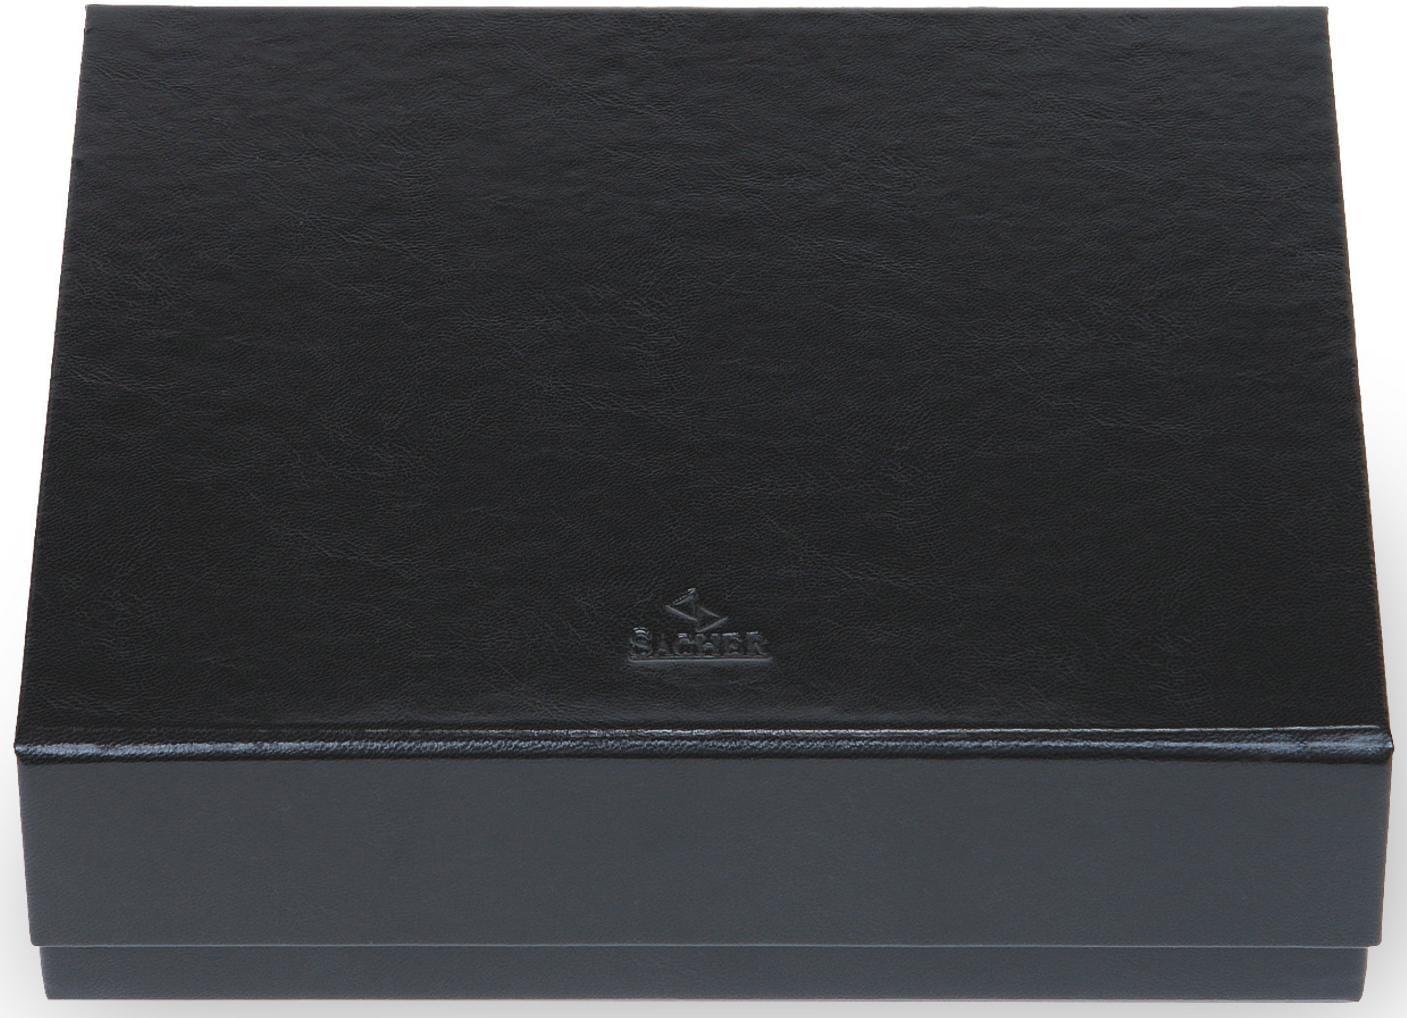 Sacher-Schmuckkoffer-Nora-New-Classic-N3000290443-2-tlg-Schmuckkaesten-Damen Indexbild 4